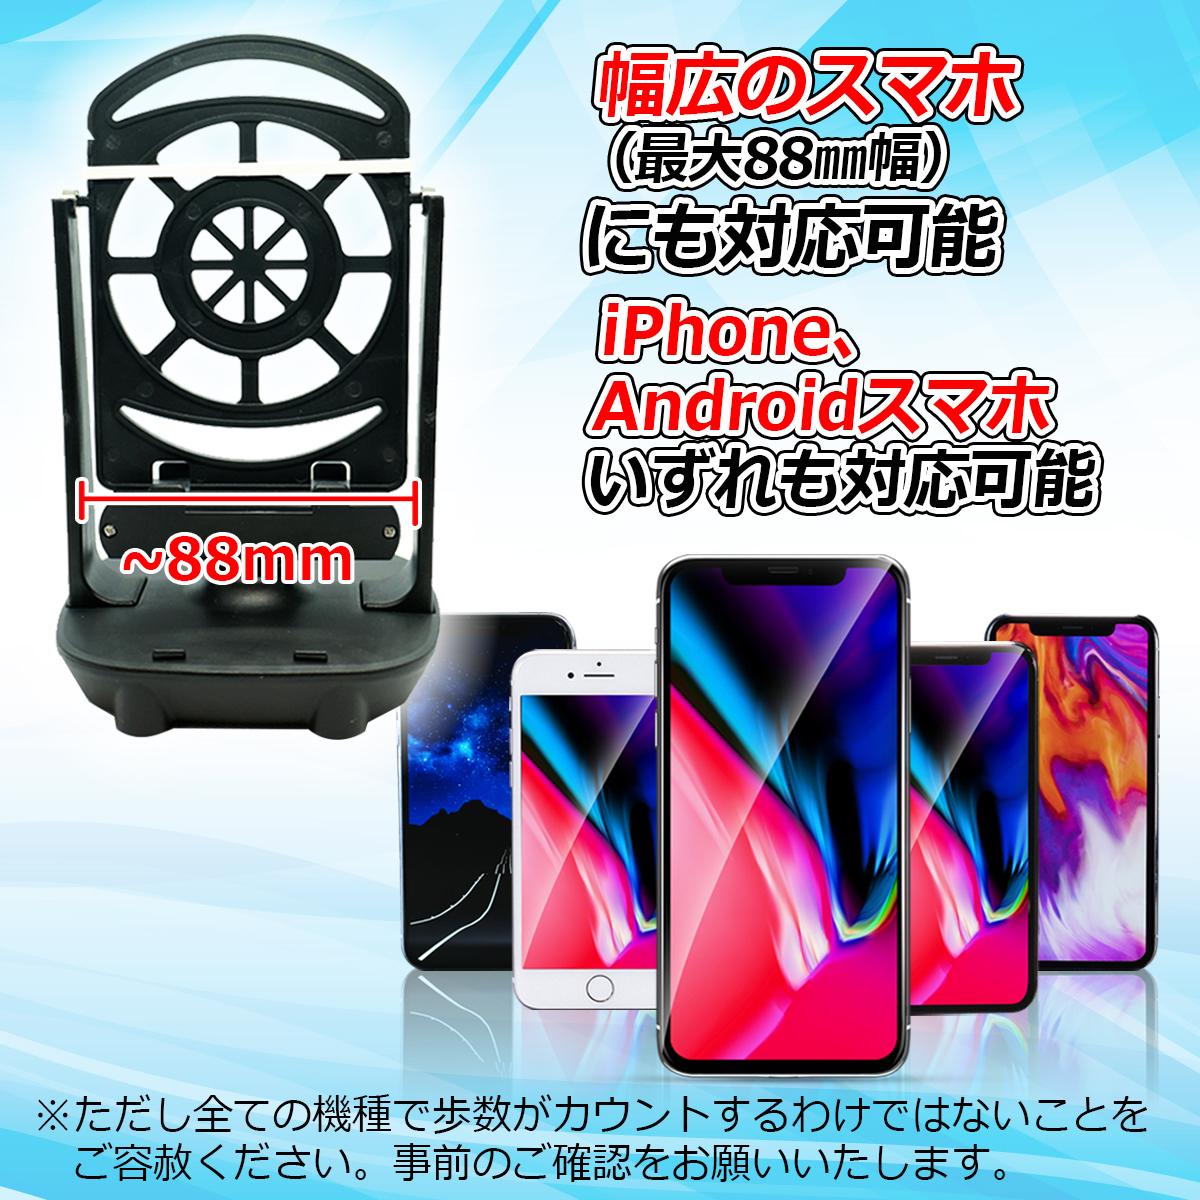 ポケモン go 振り子 android